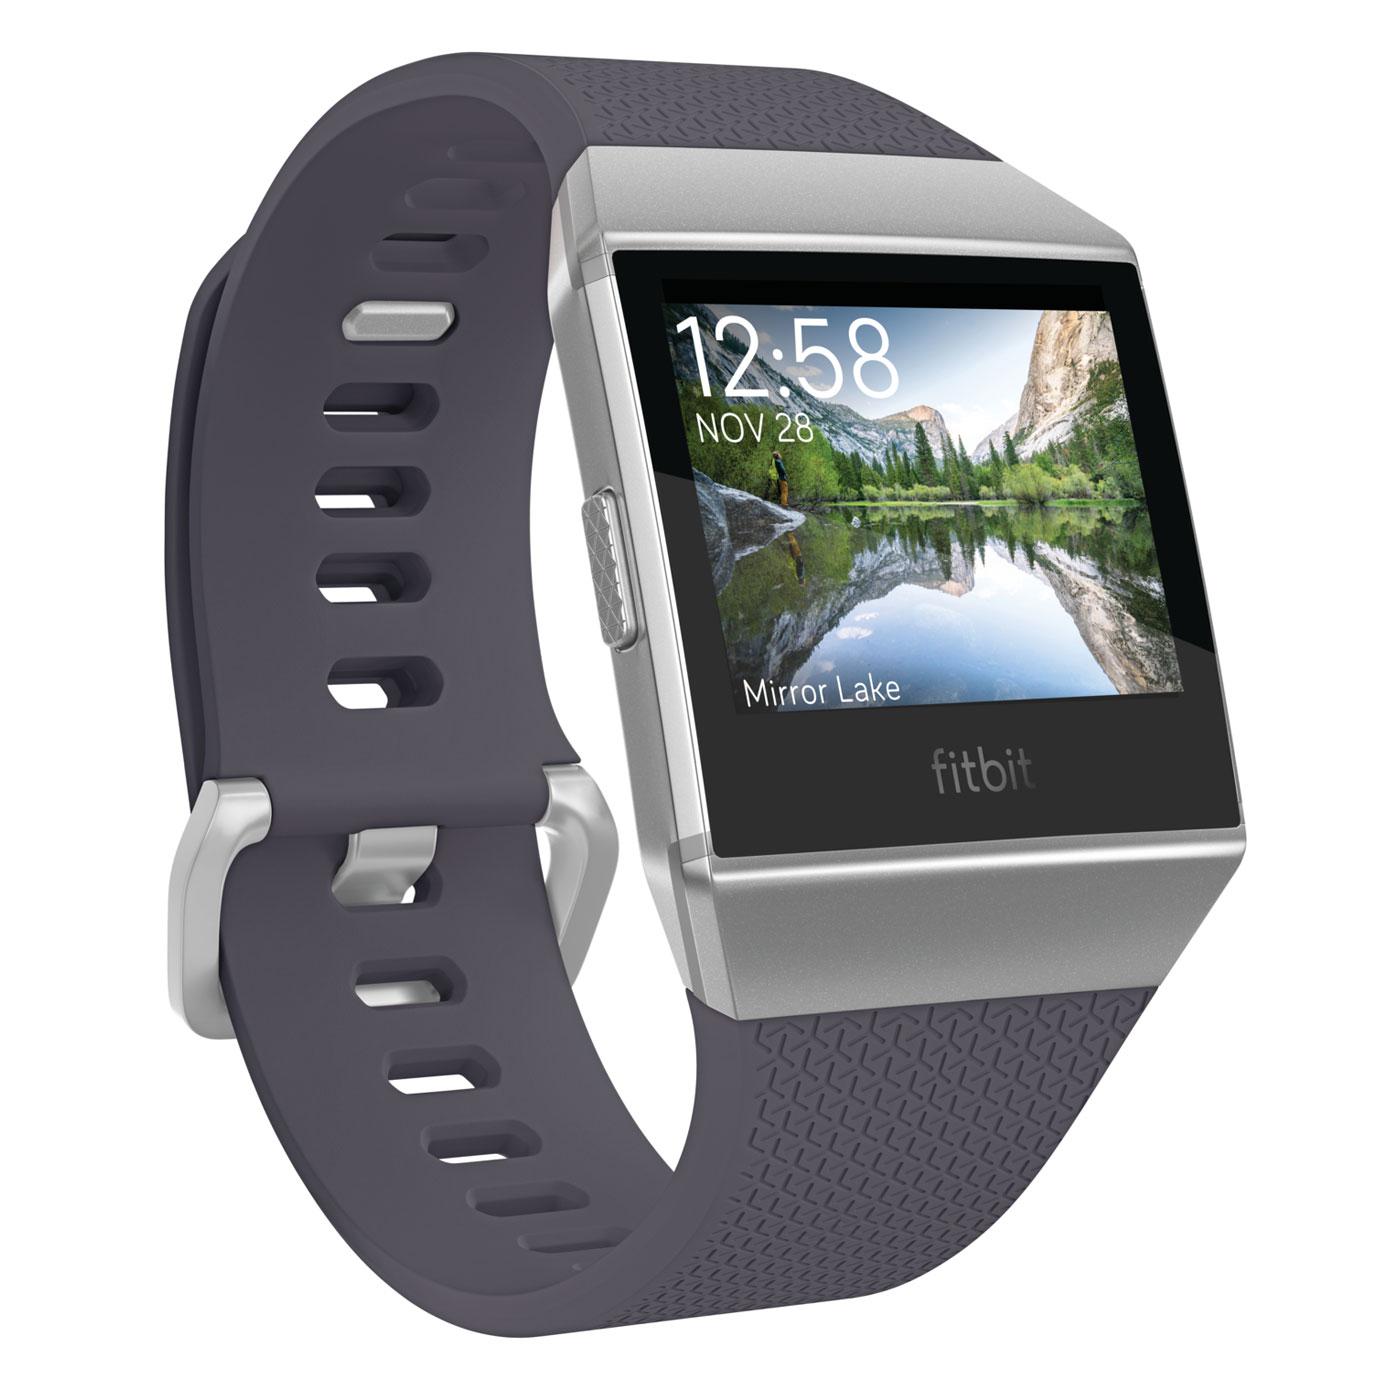 Bracelet connecté Fitbit Ionic Bleu gris / Argent Montre-coach connectée sans fil Bluetooth, étanche, paiement sans contact NFC, GPS et cardio-fréquencemètre pour smartphone iOS / Android / Windows